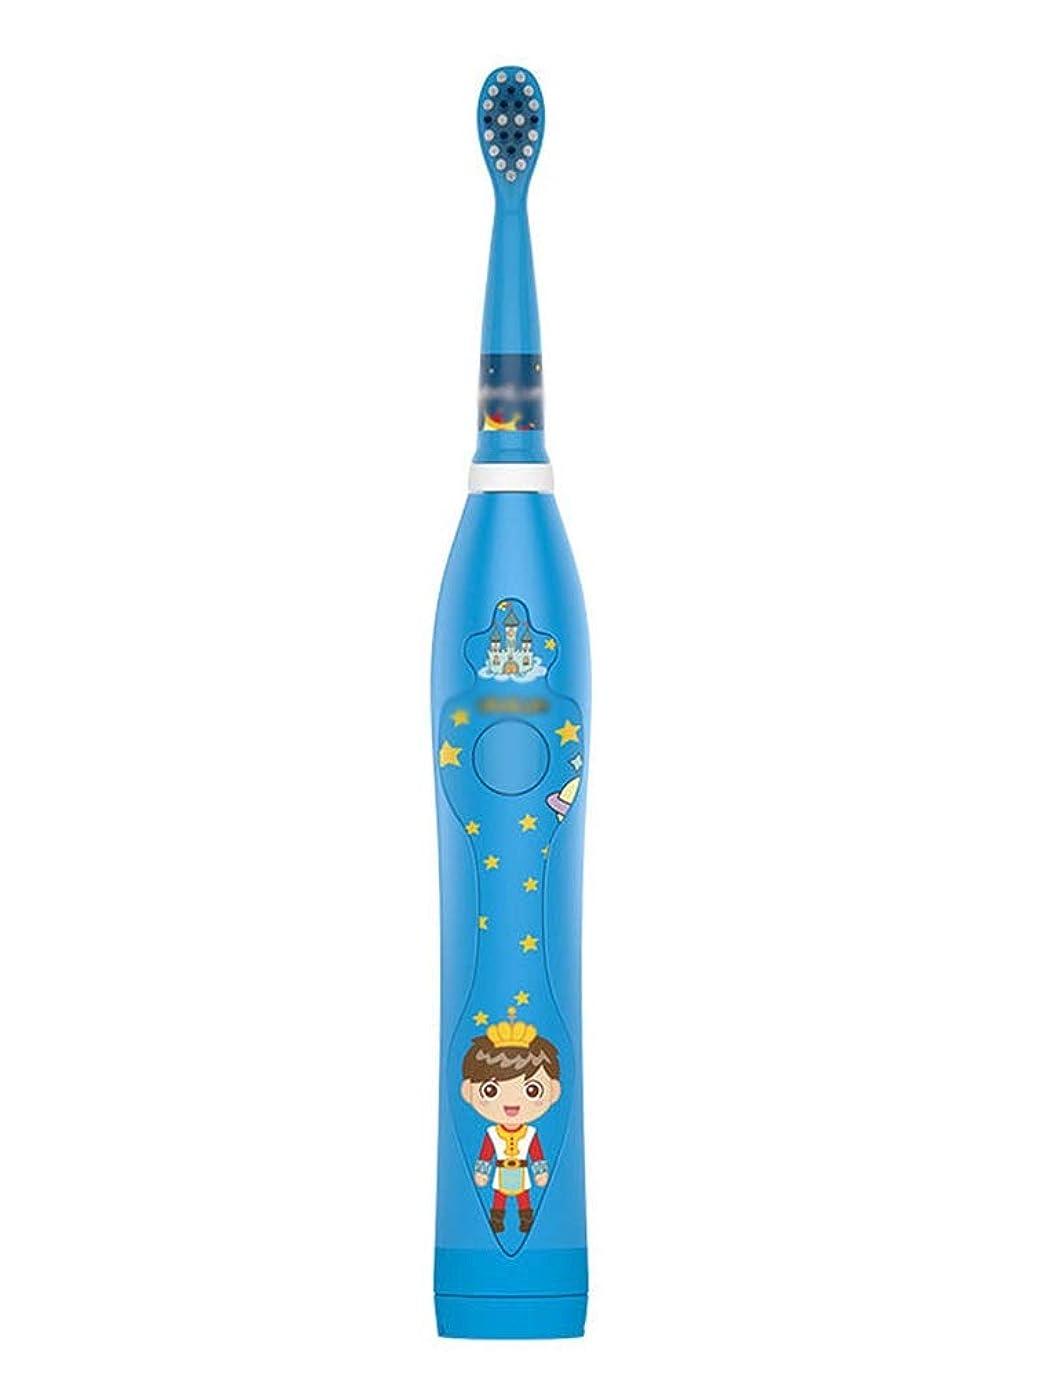 凍るシャツ消費者新しい子供の電動歯ブラシ、IPX7レベルUSBスマート充電、サイレント高周波電動歯ブラシ (Color : Blue)